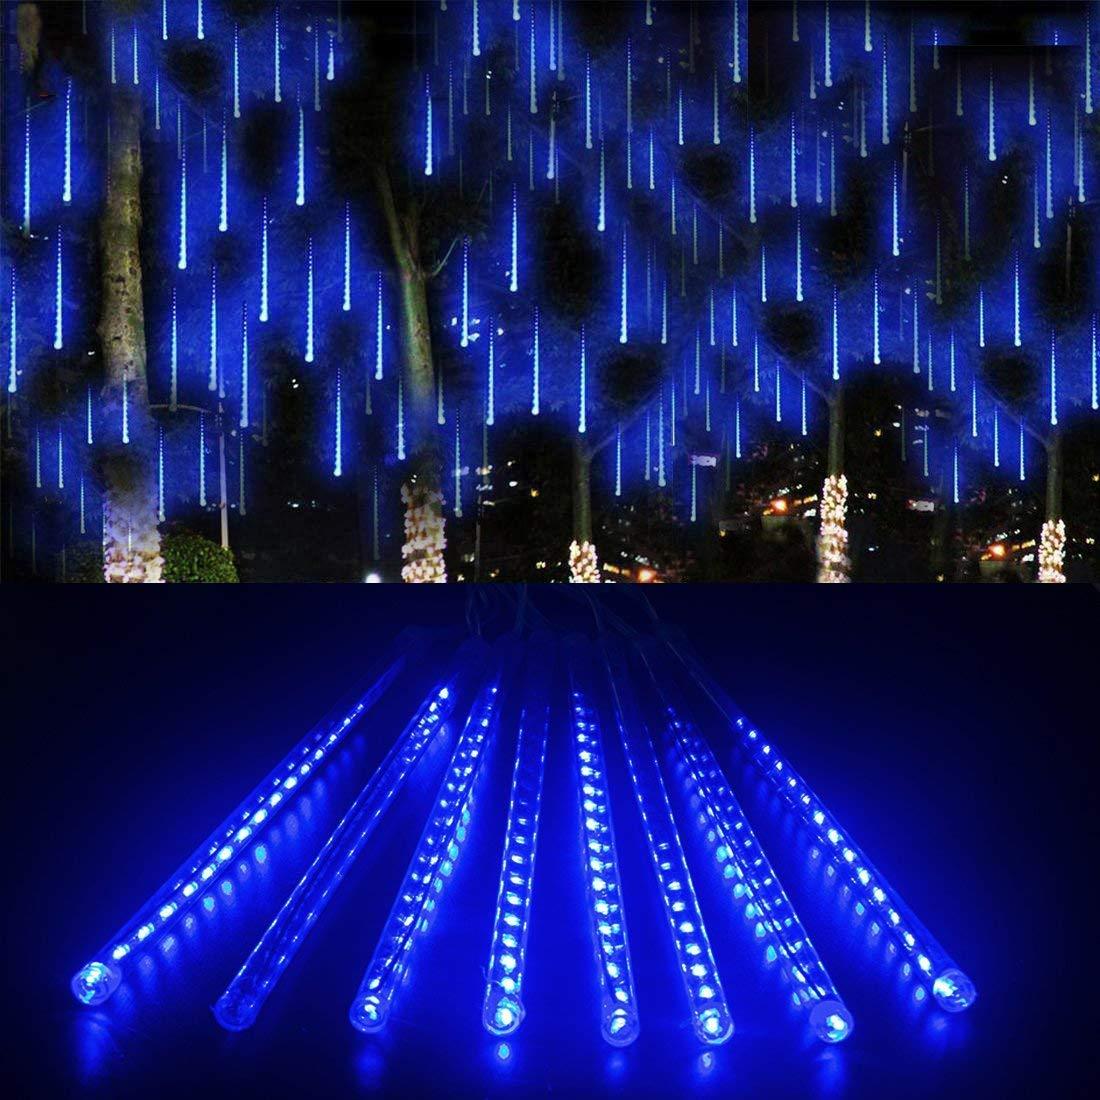 ABelle Blu Meteor Doccia Pioggia Luci Impermeabili Della Corda per Festa di Nozze Decorazione Dell\'Albero di Natale di Natale 30cm 8 tubo Luci Natalizie per Esterni